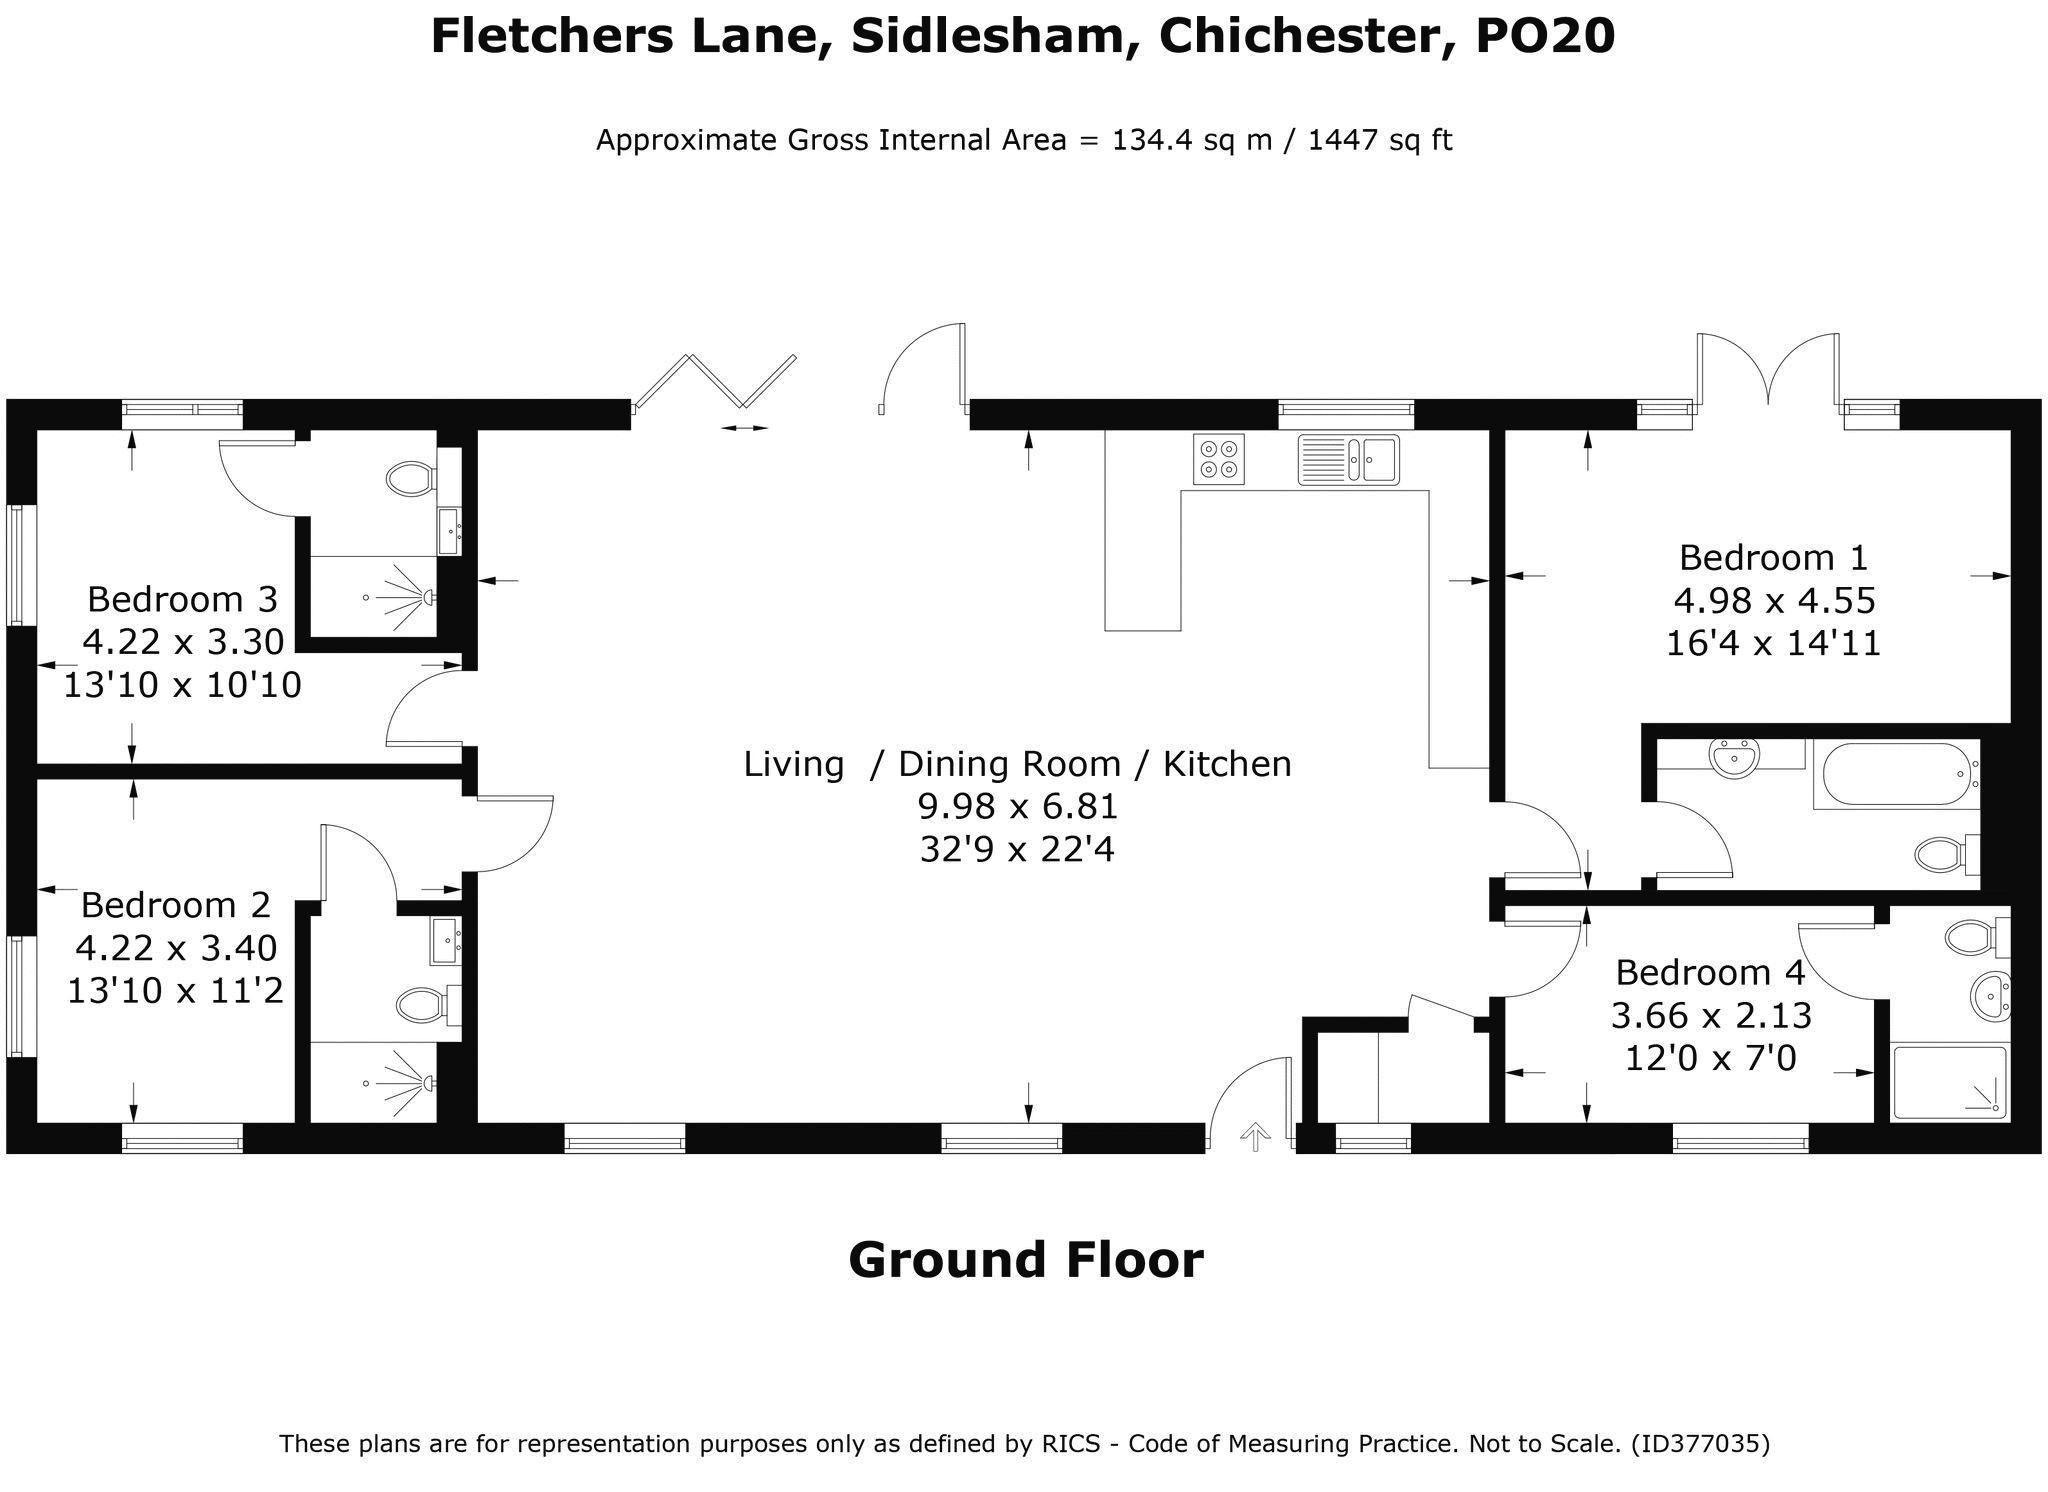 Fletchers Lane Sidlesham